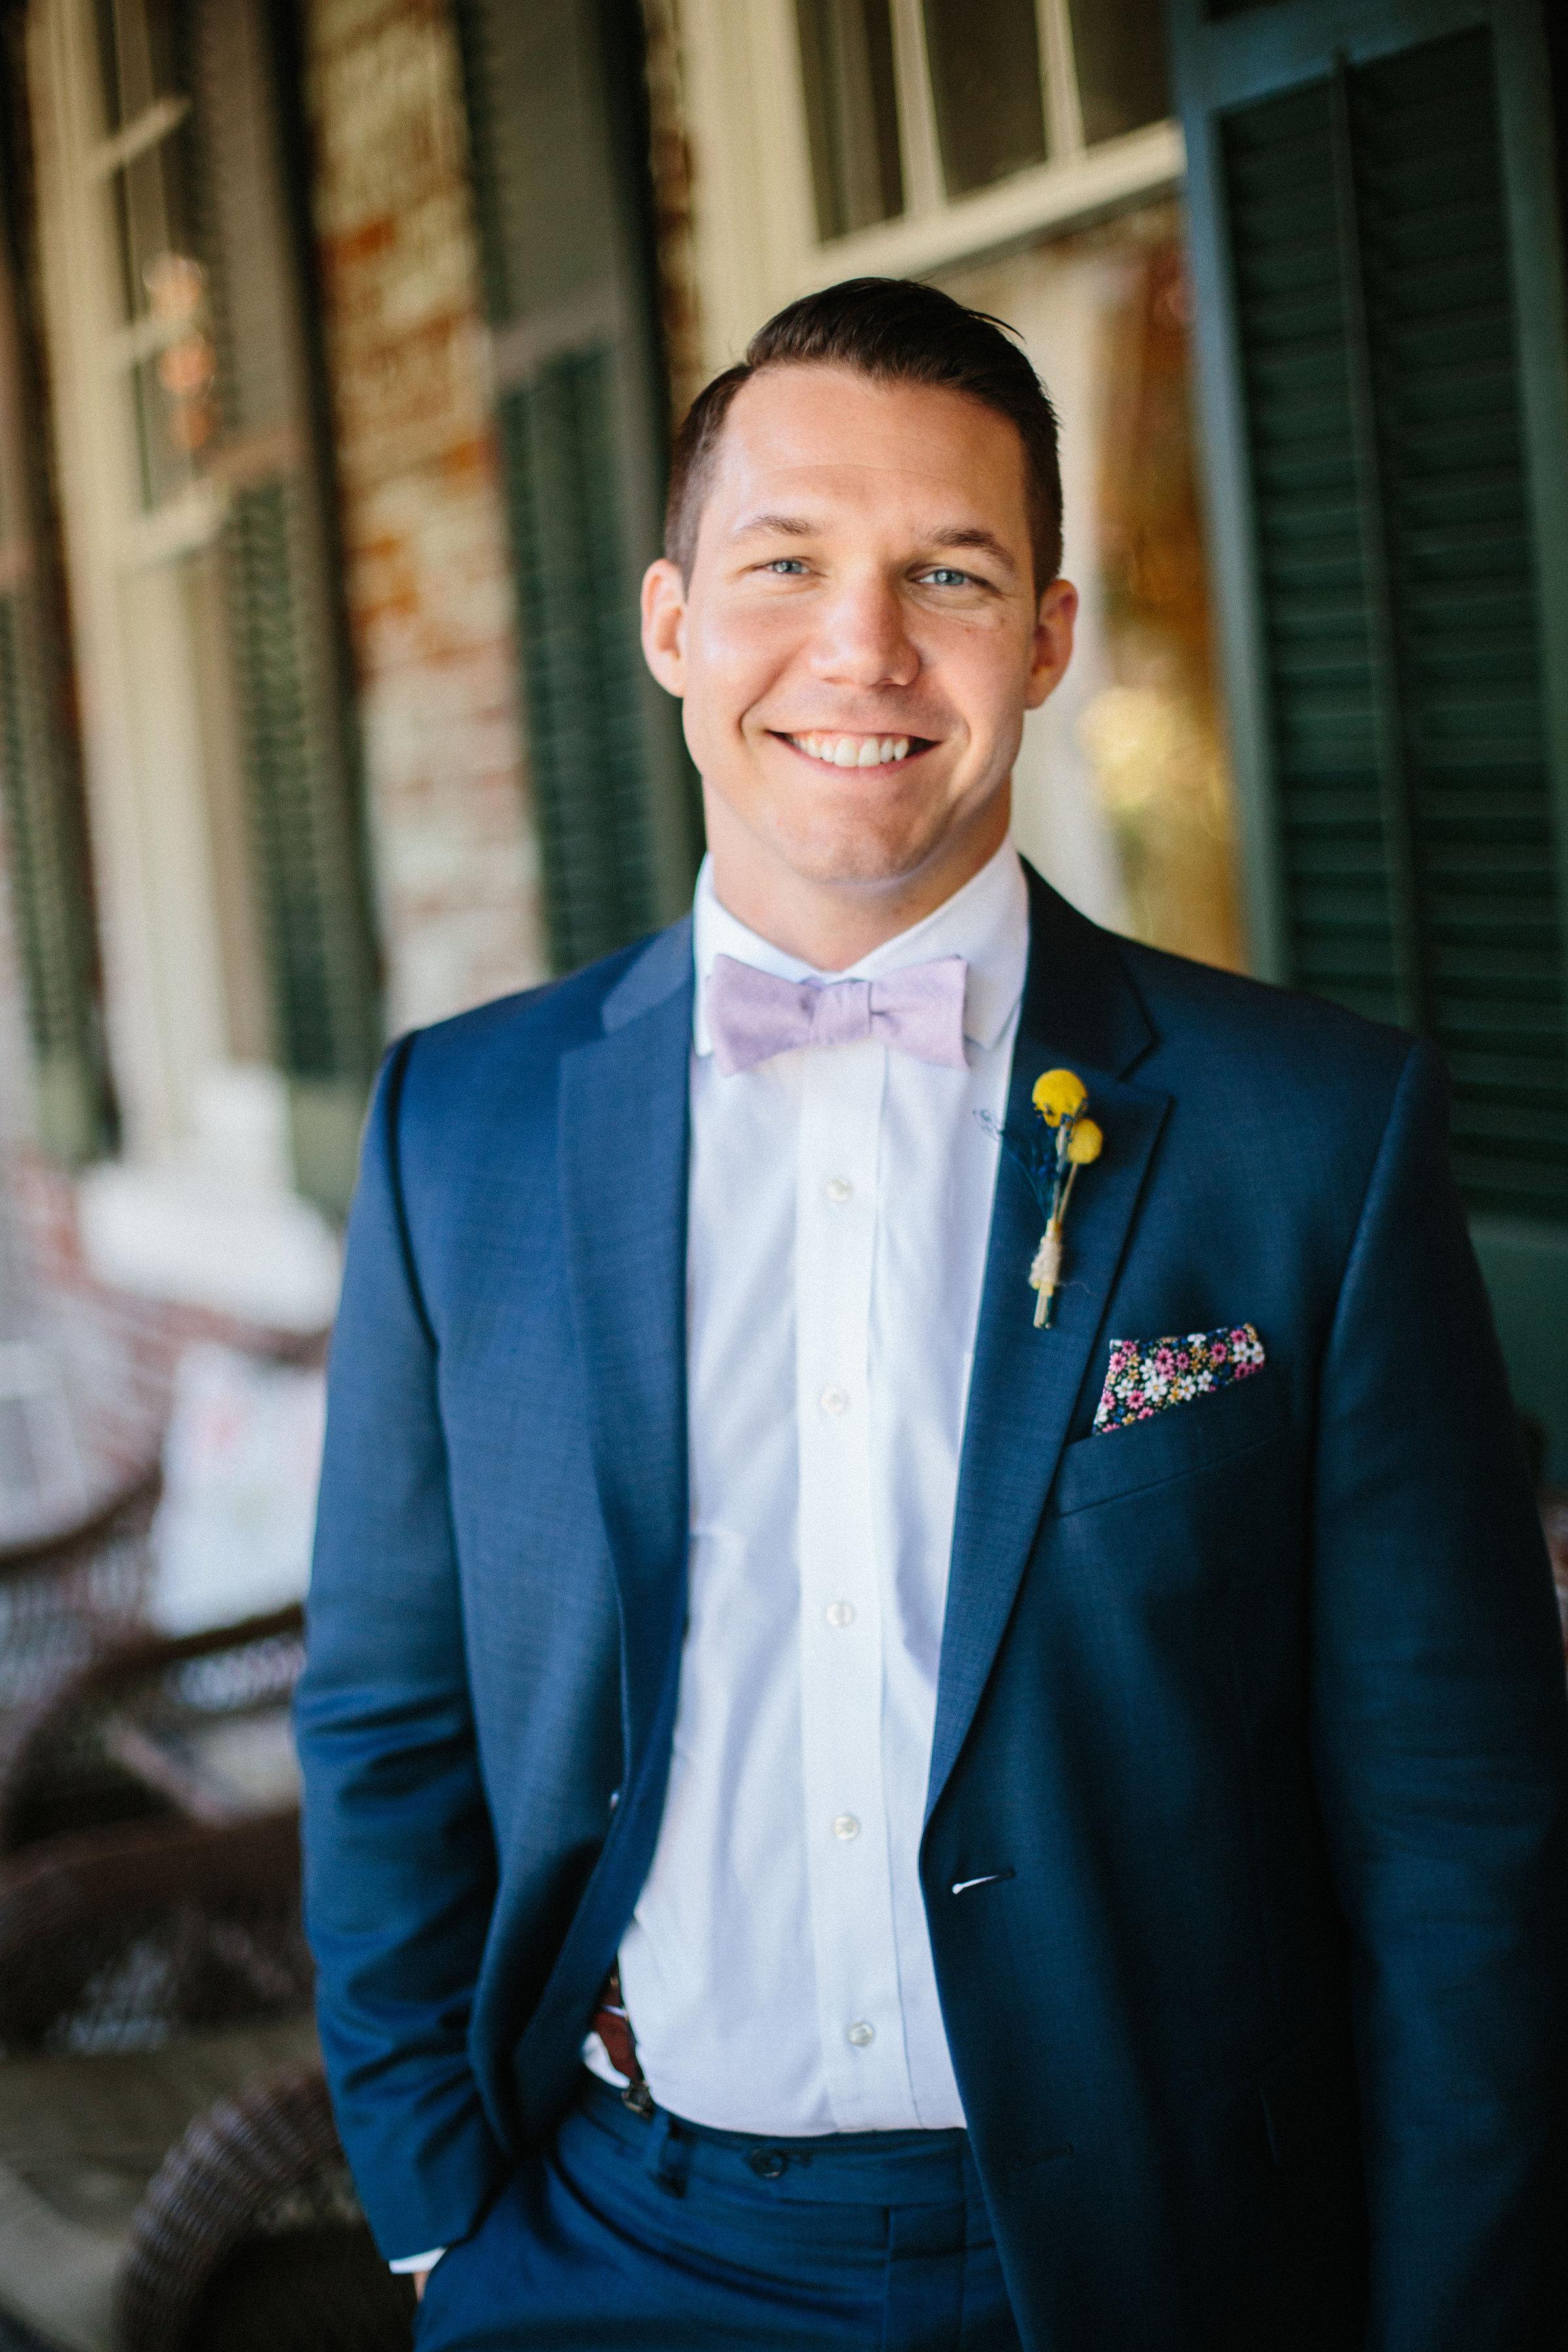 groom-the-kenmore-inn.jpg